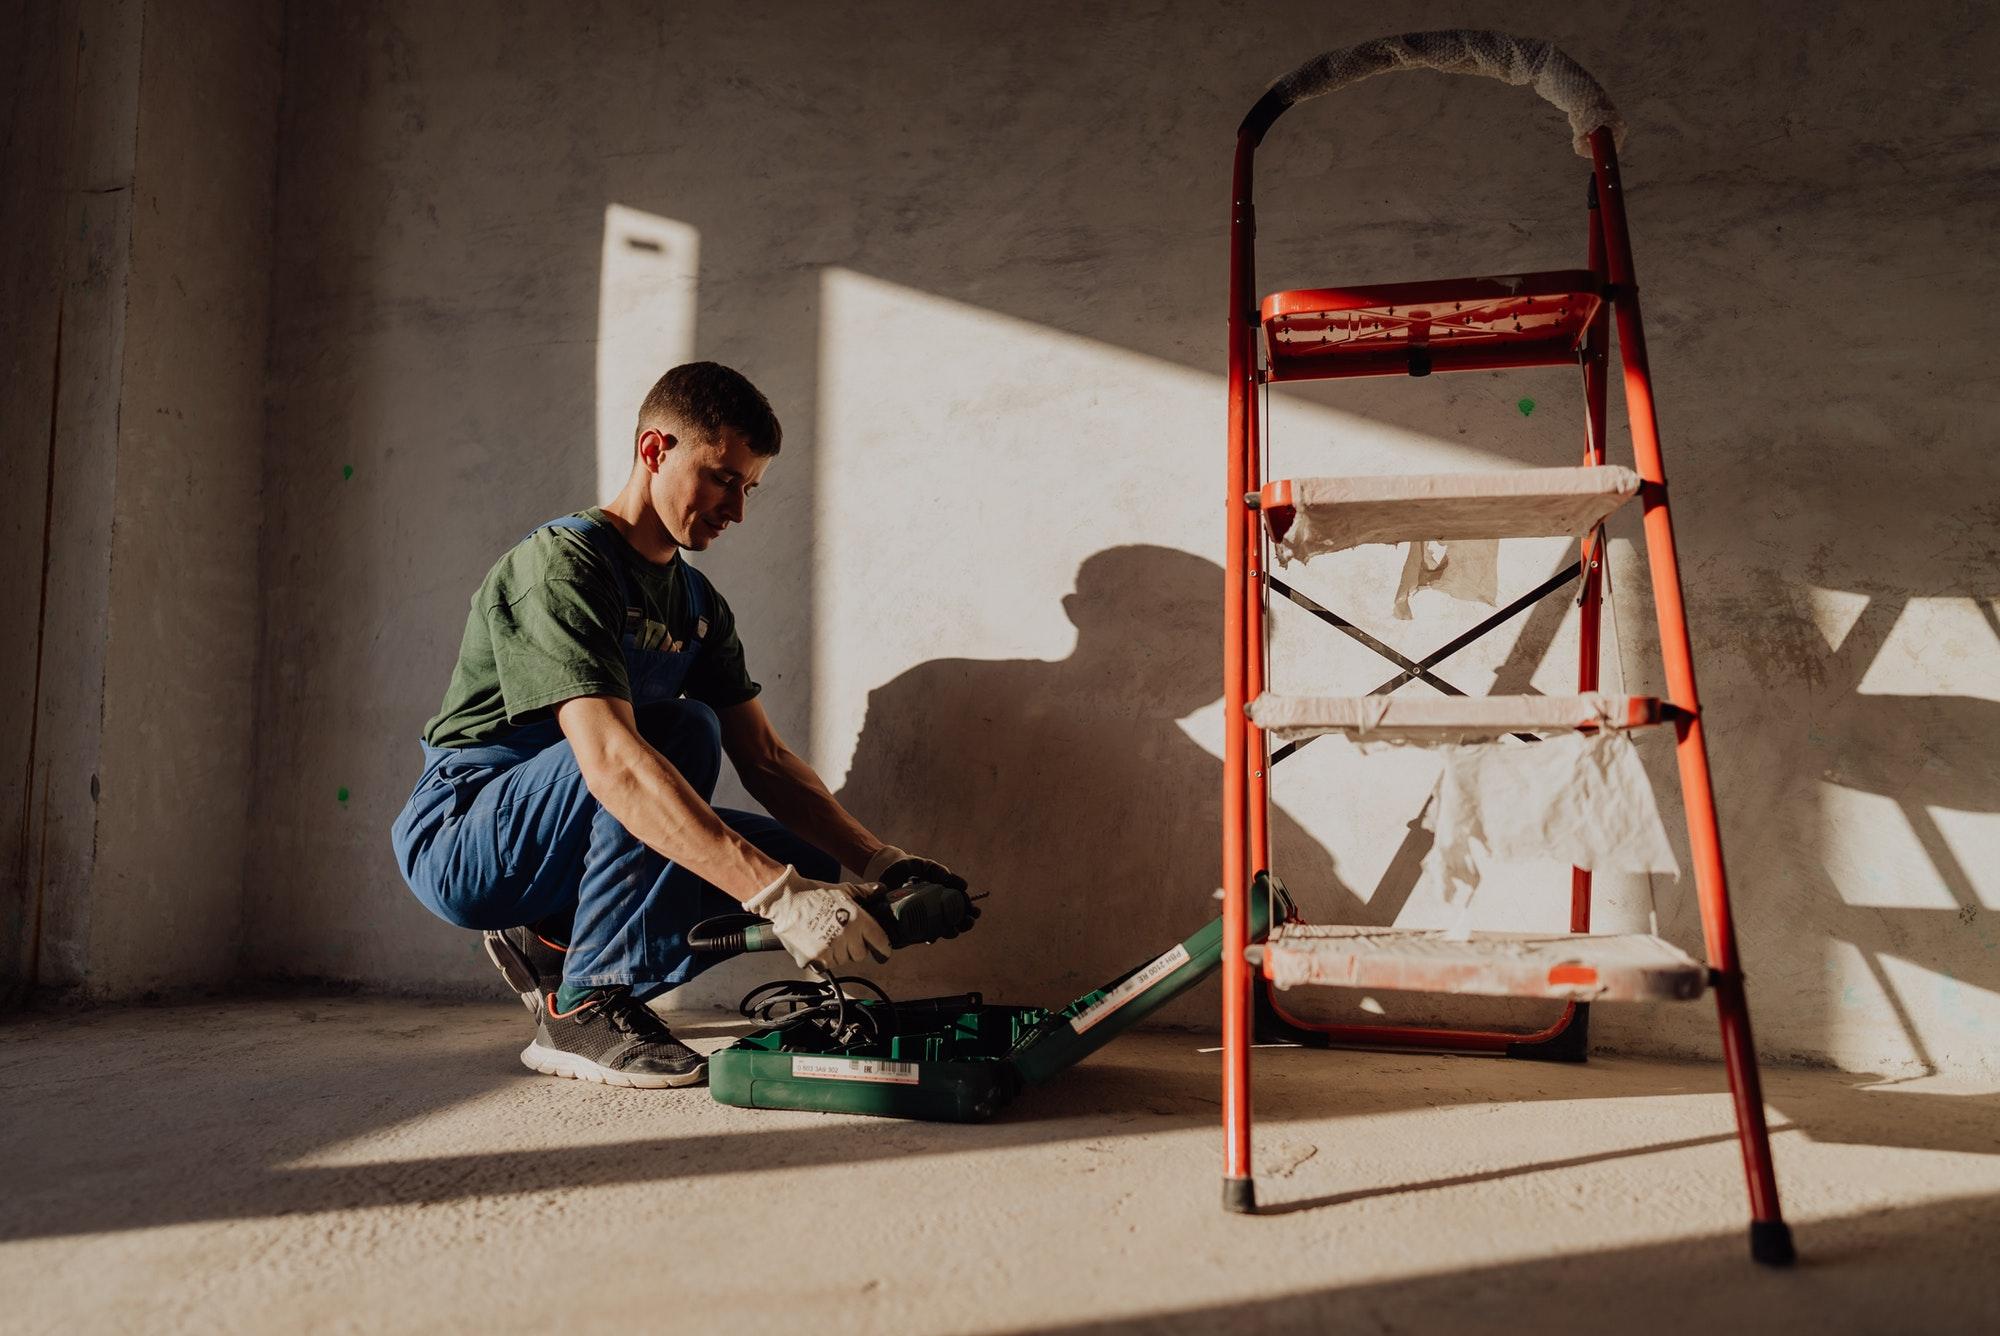 Bore hul i beton eller tegl selv med diamantbor, er det muligt eller bør jeg bruge fagfolk